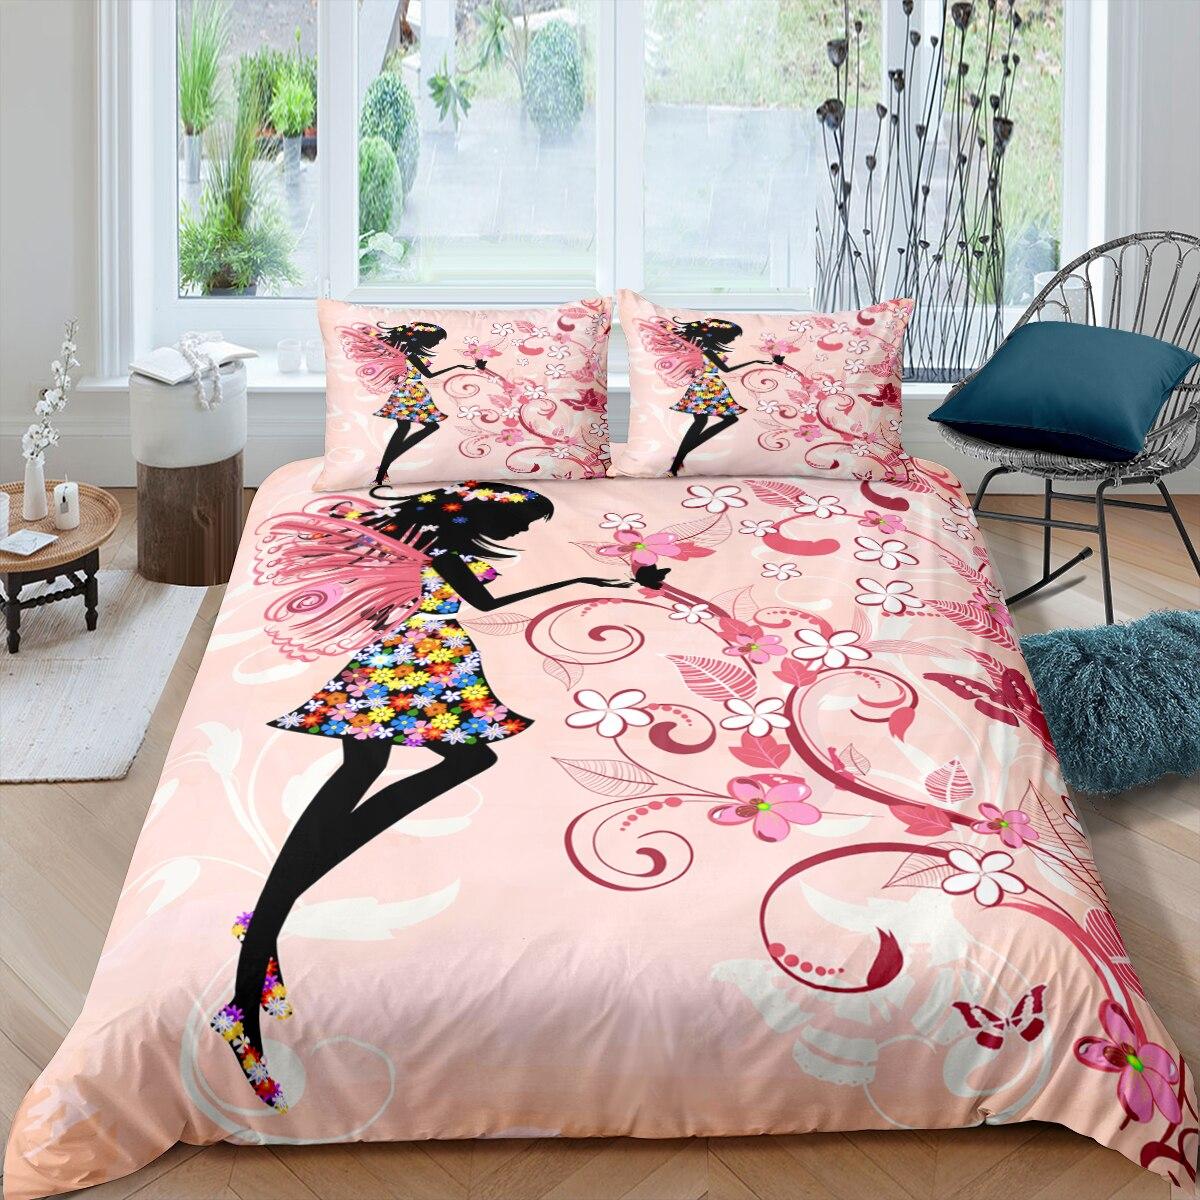 طقم أغطية سرير بطبعة زهور خرافية للبنات ، طقم سرير بطبعة زهور ، غطاء لحاف وأكياس وسادة ، هدية للبنات ، 2/3 قطعة